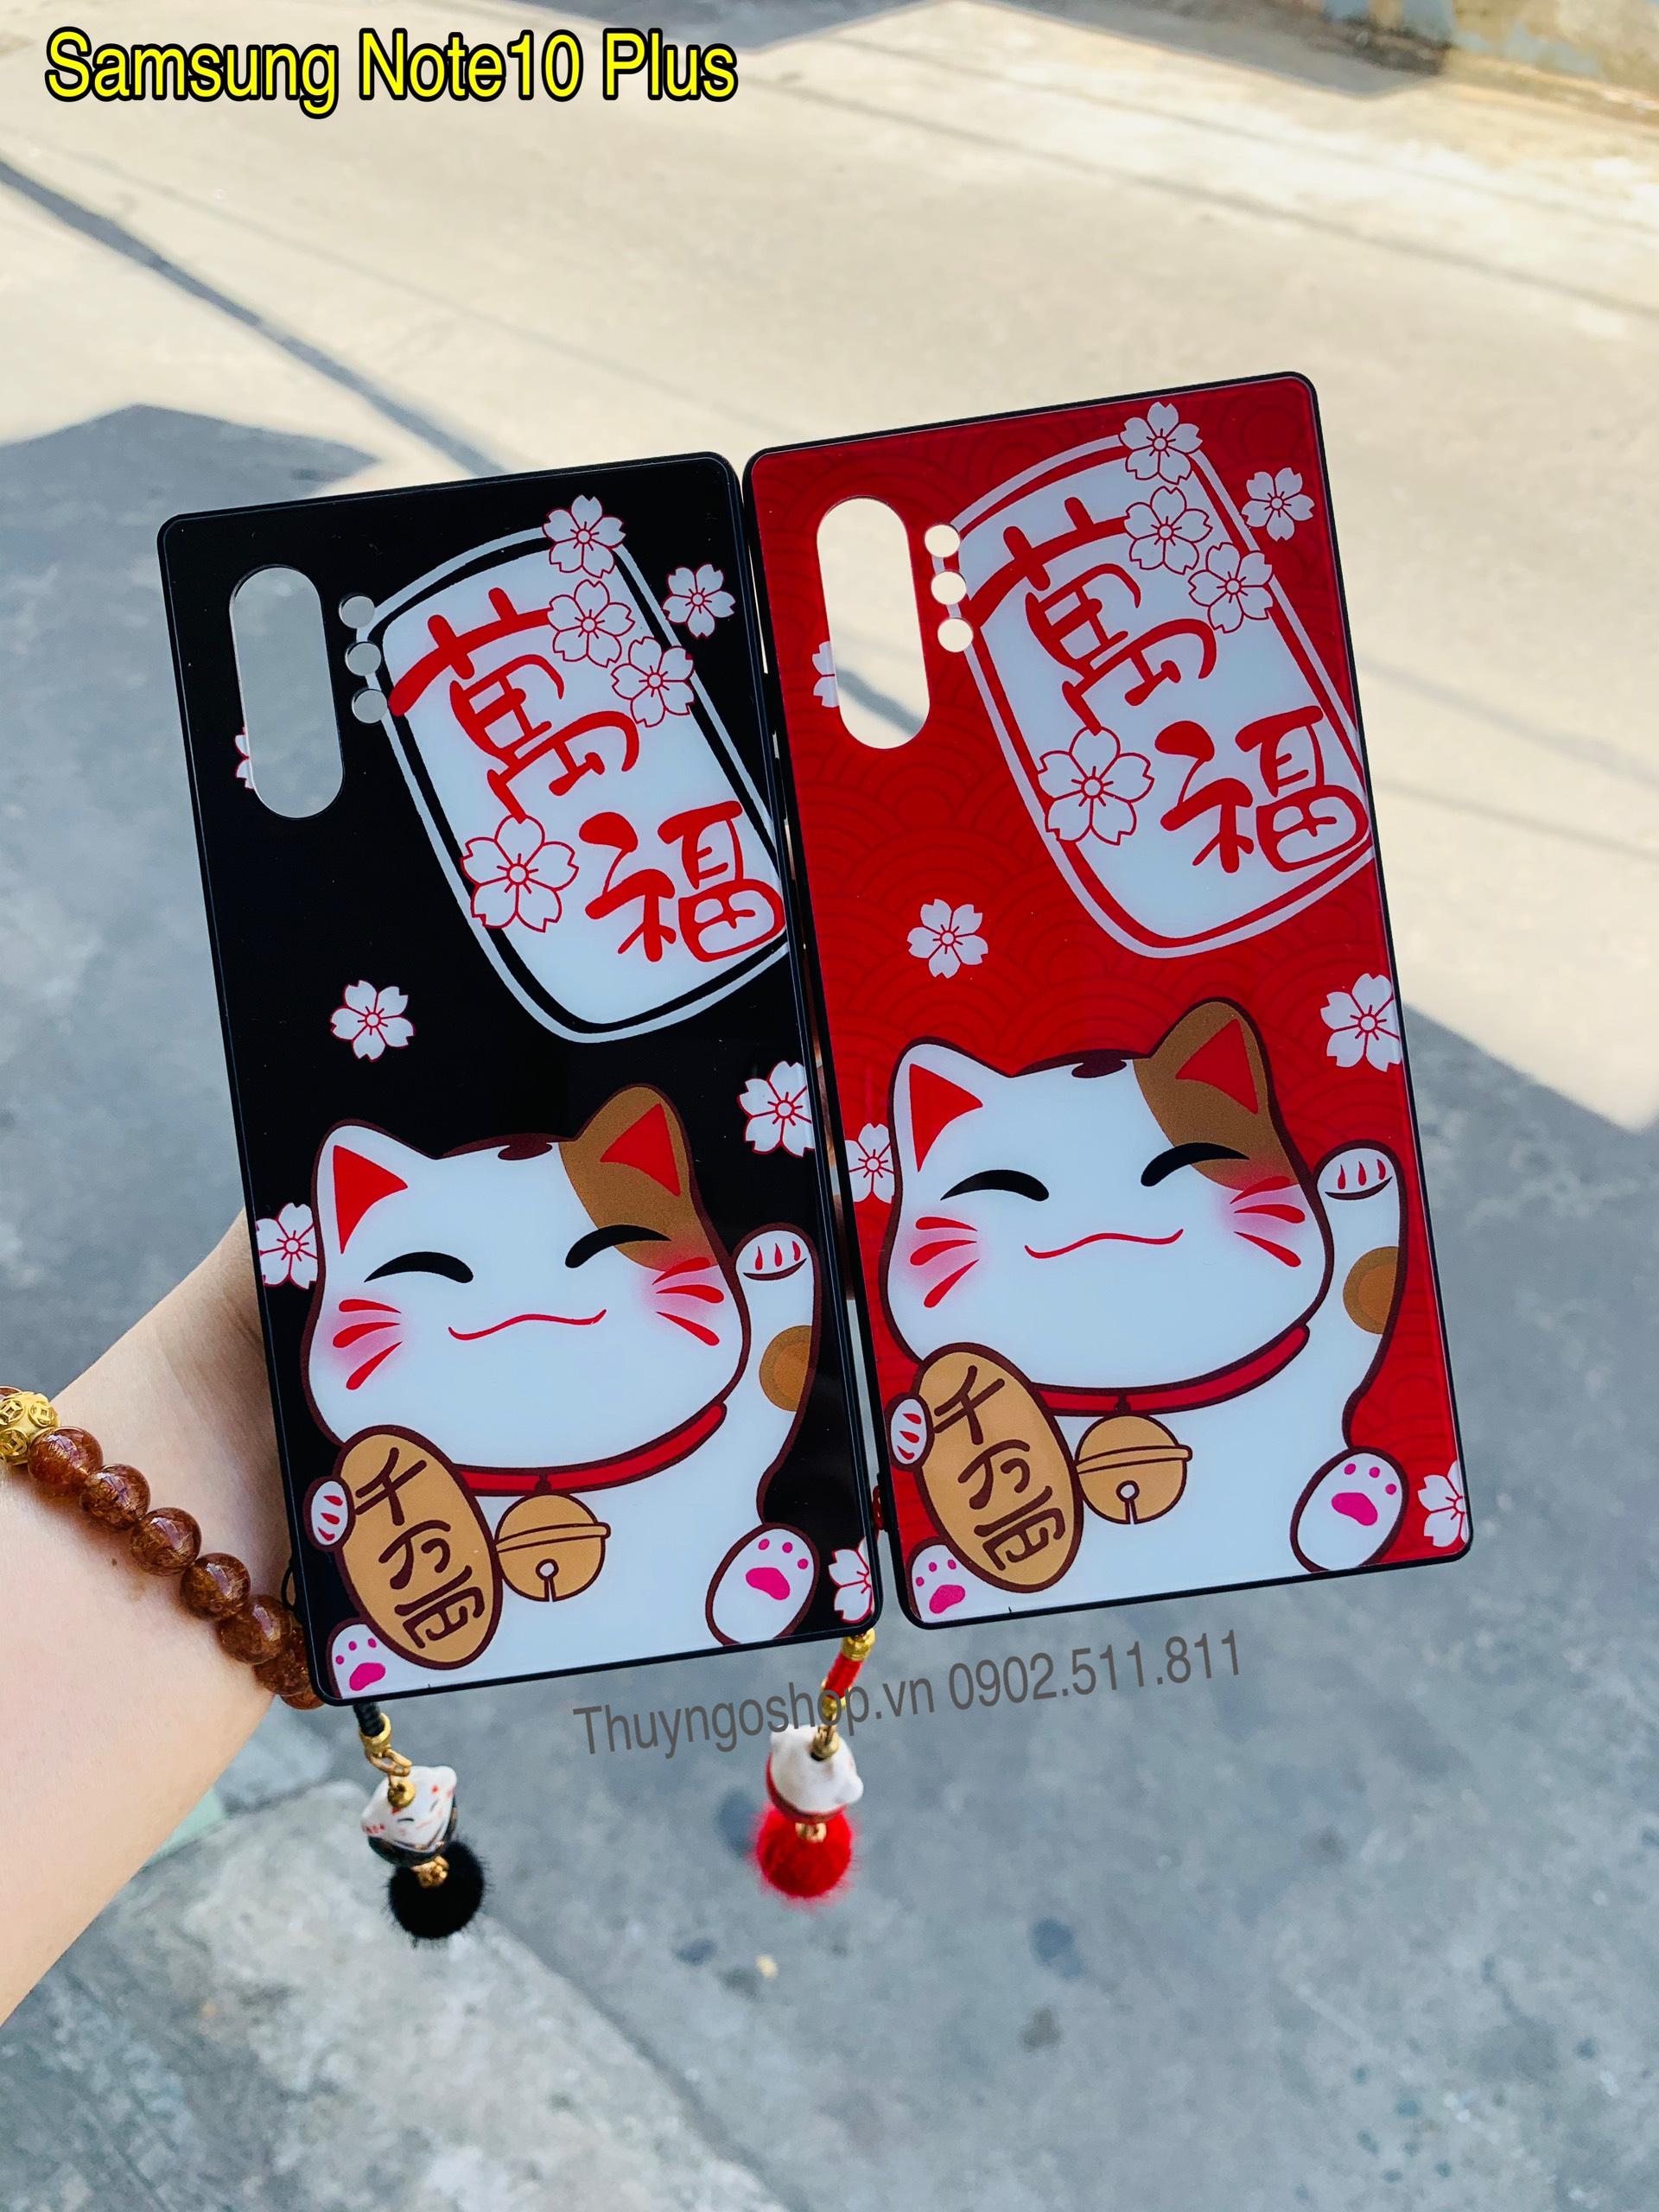 Samsung Note10, Note10 plus, S10, S10, S10 5G - Ốp lưng mèo thần tài tài may mắn